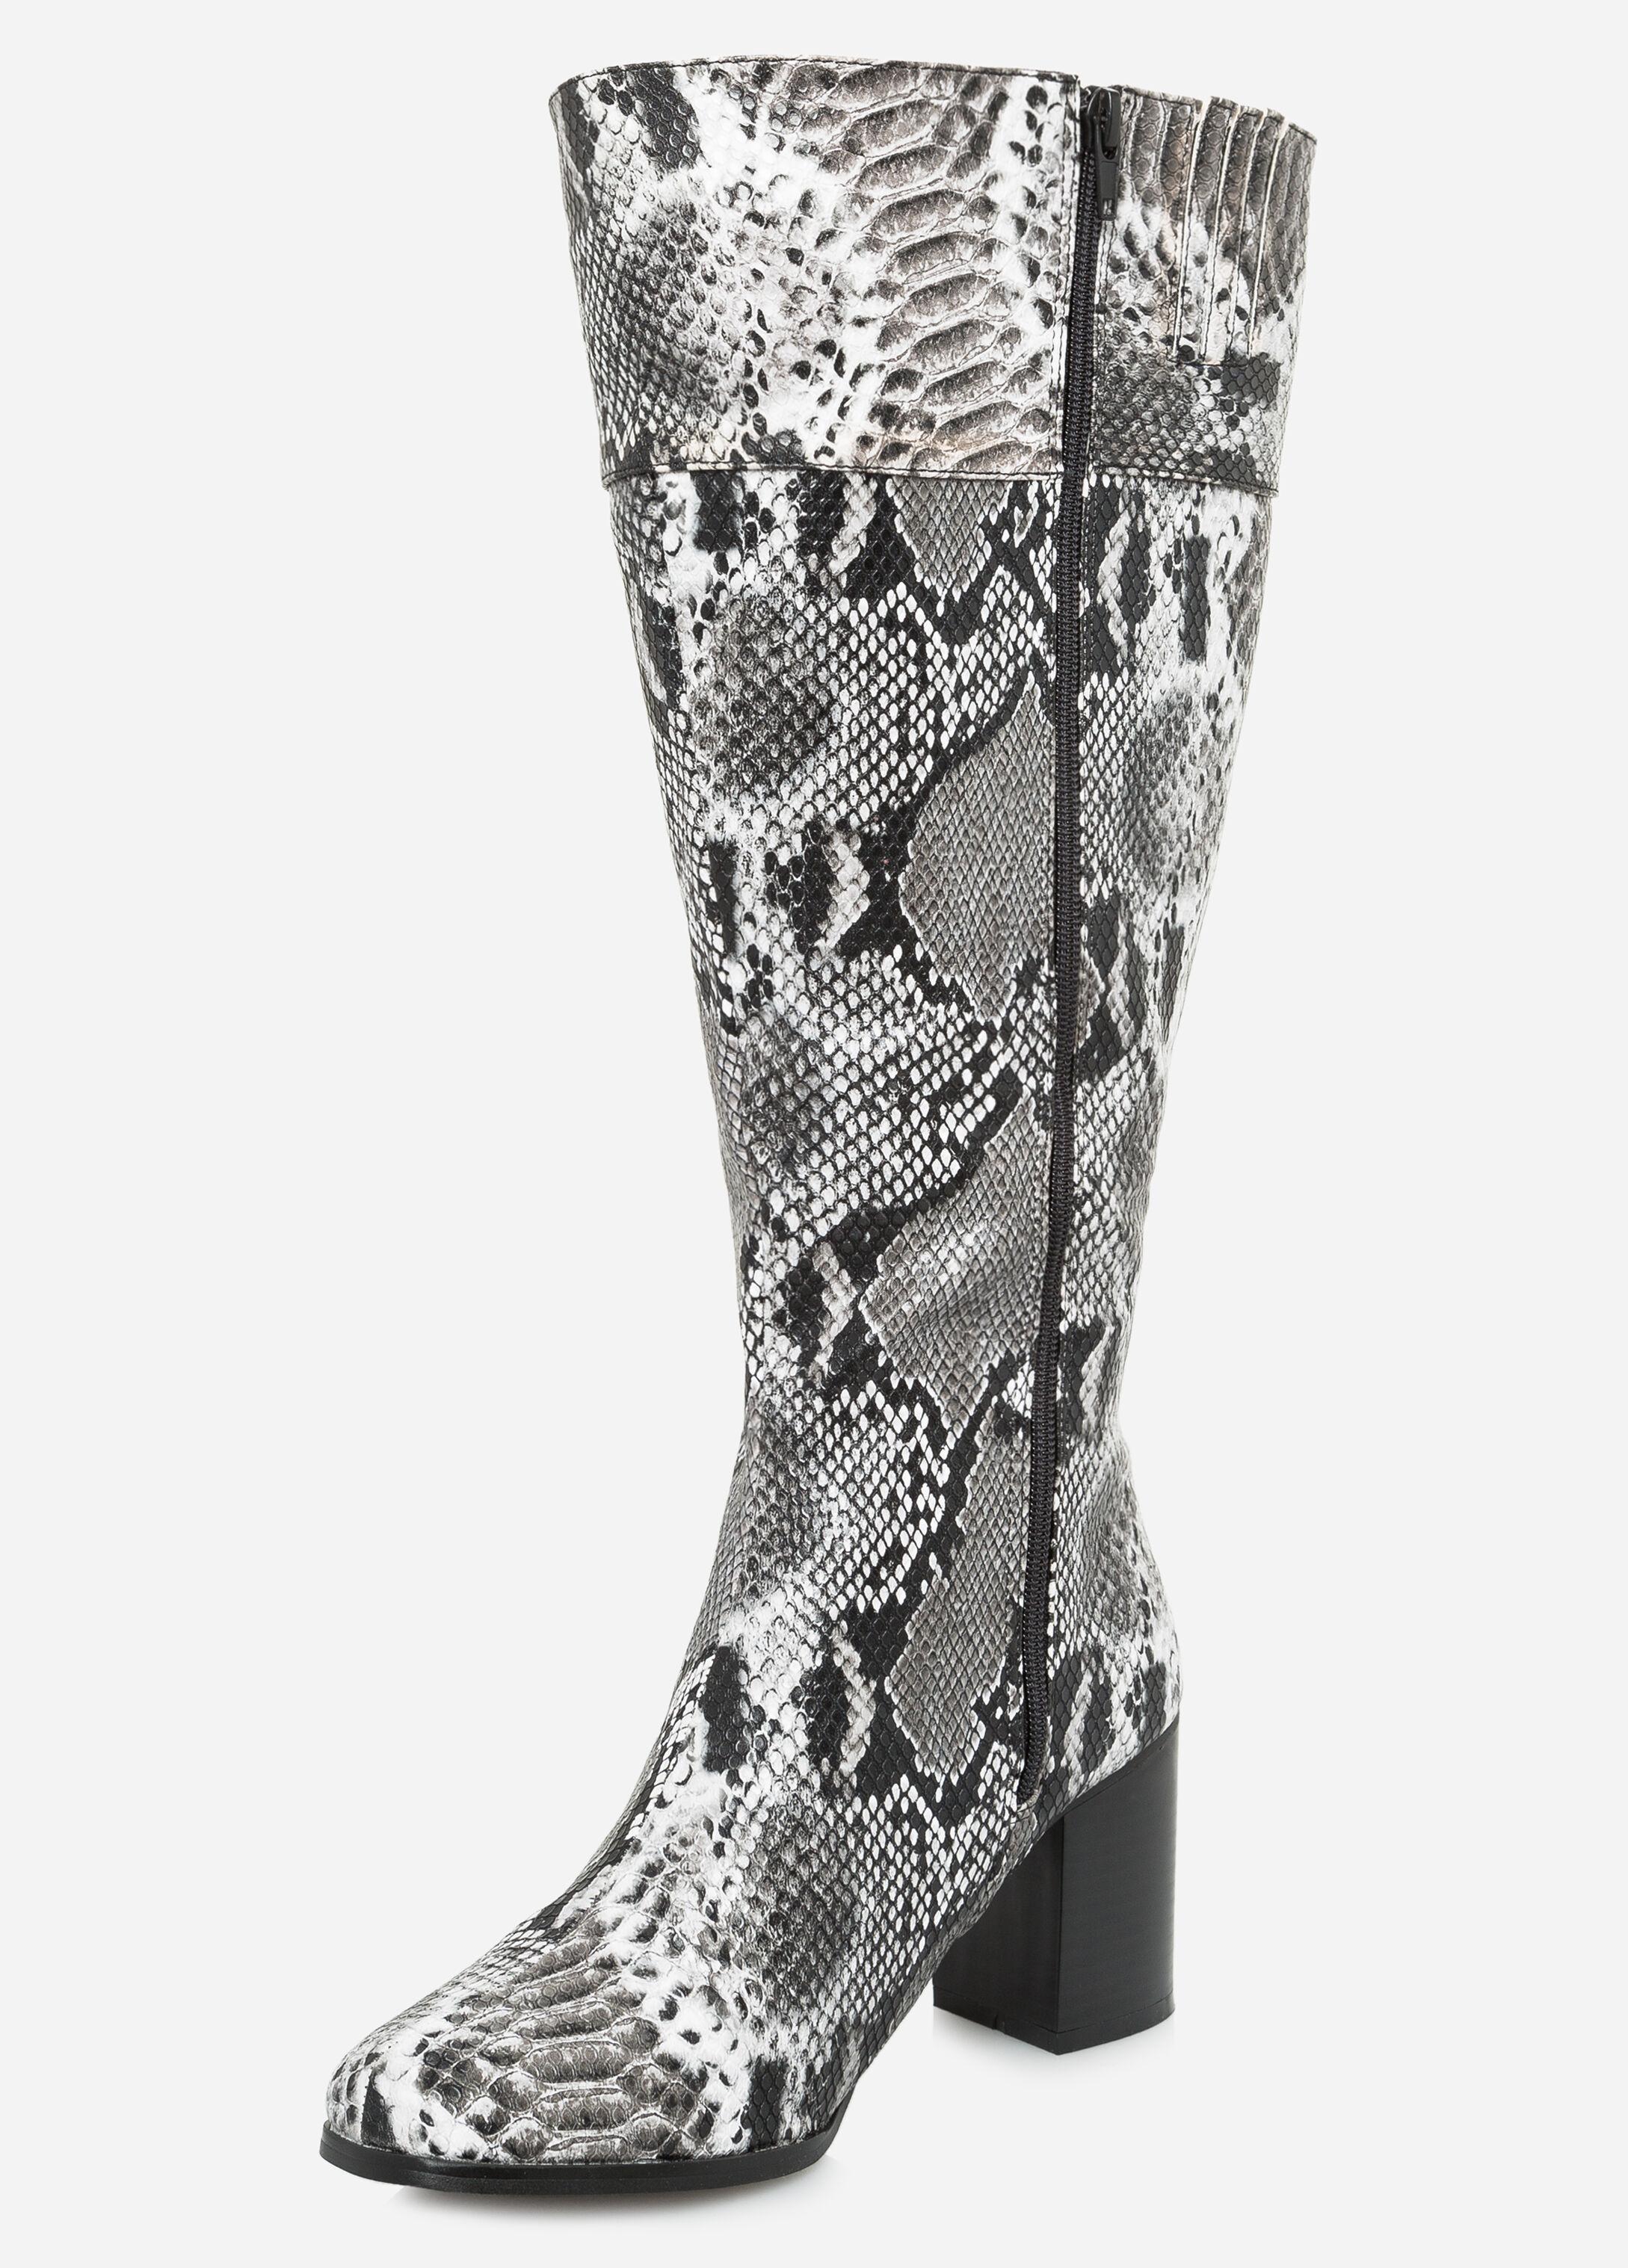 Snake Tall Boot - Wide Calf, Wide Width